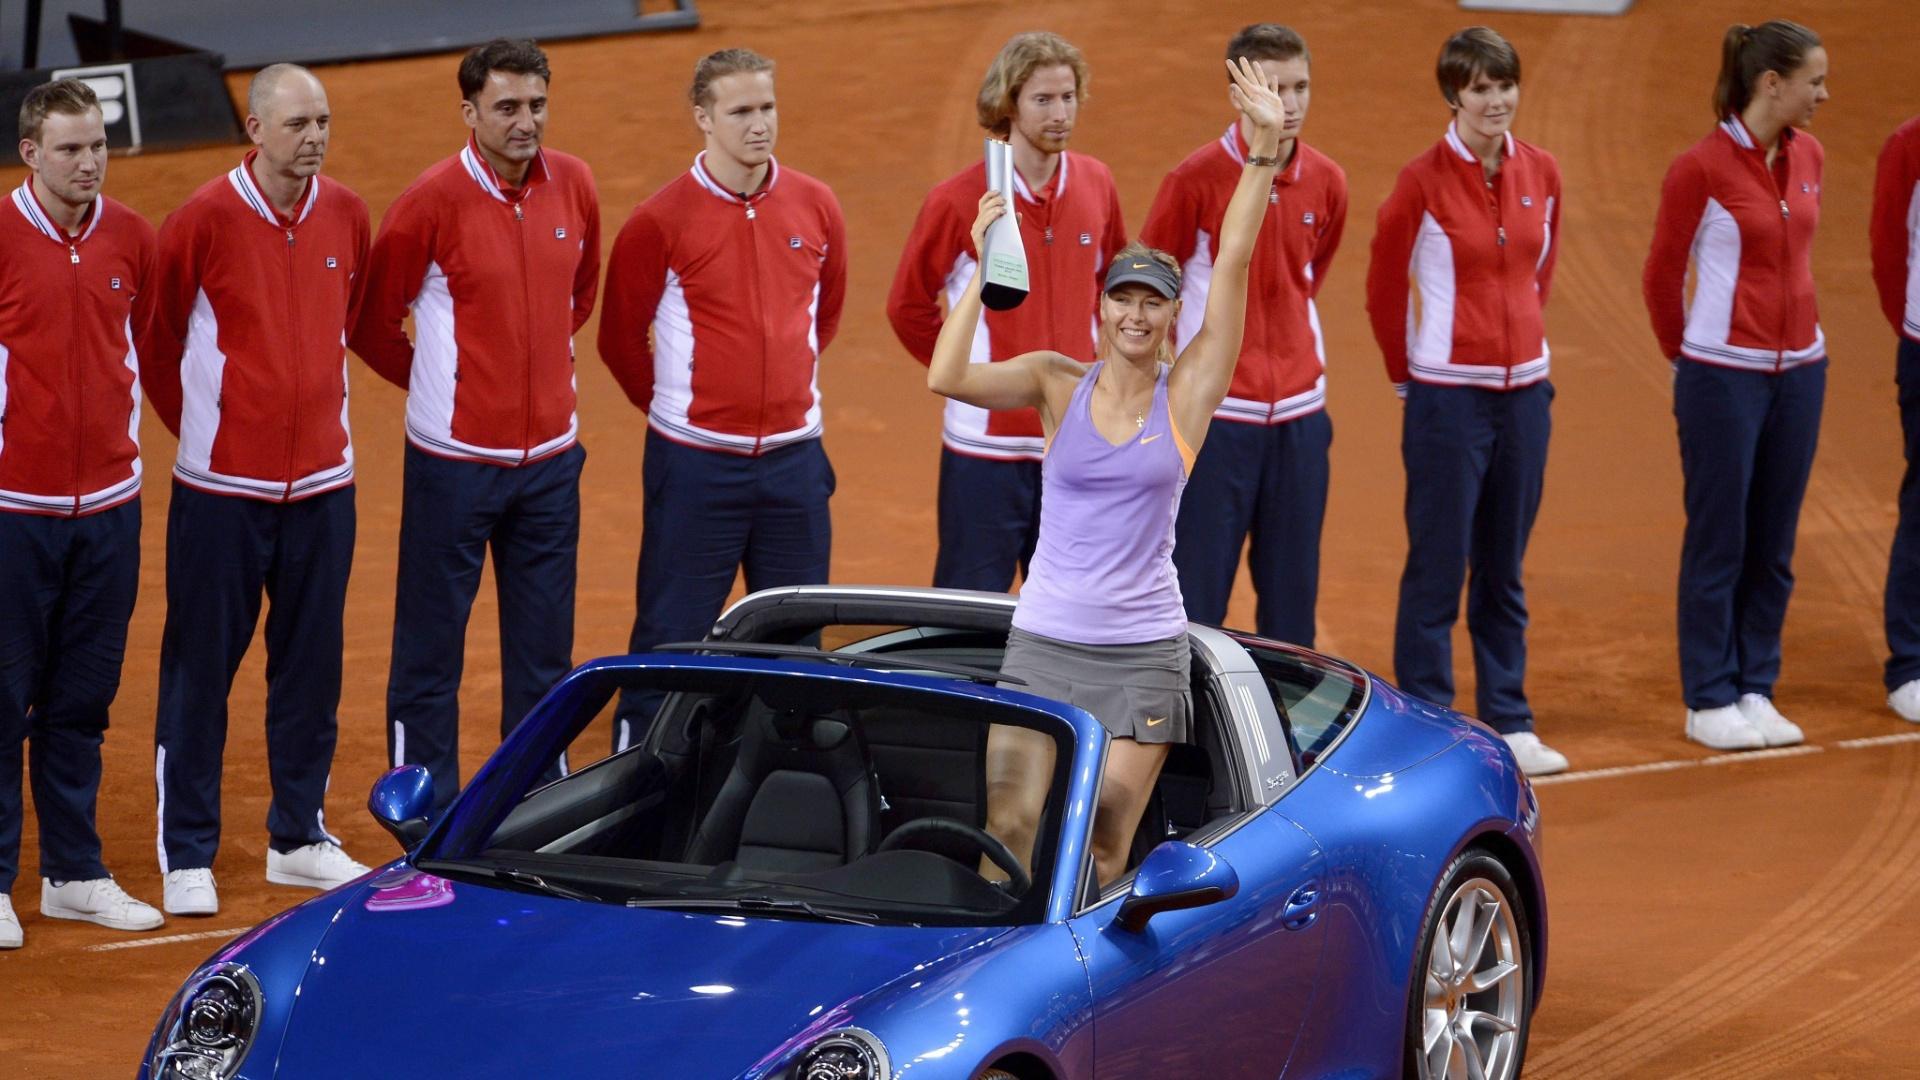 27.04.2014 - Sharapova ergue troféu e ganha Porsche após título em Stuttgart